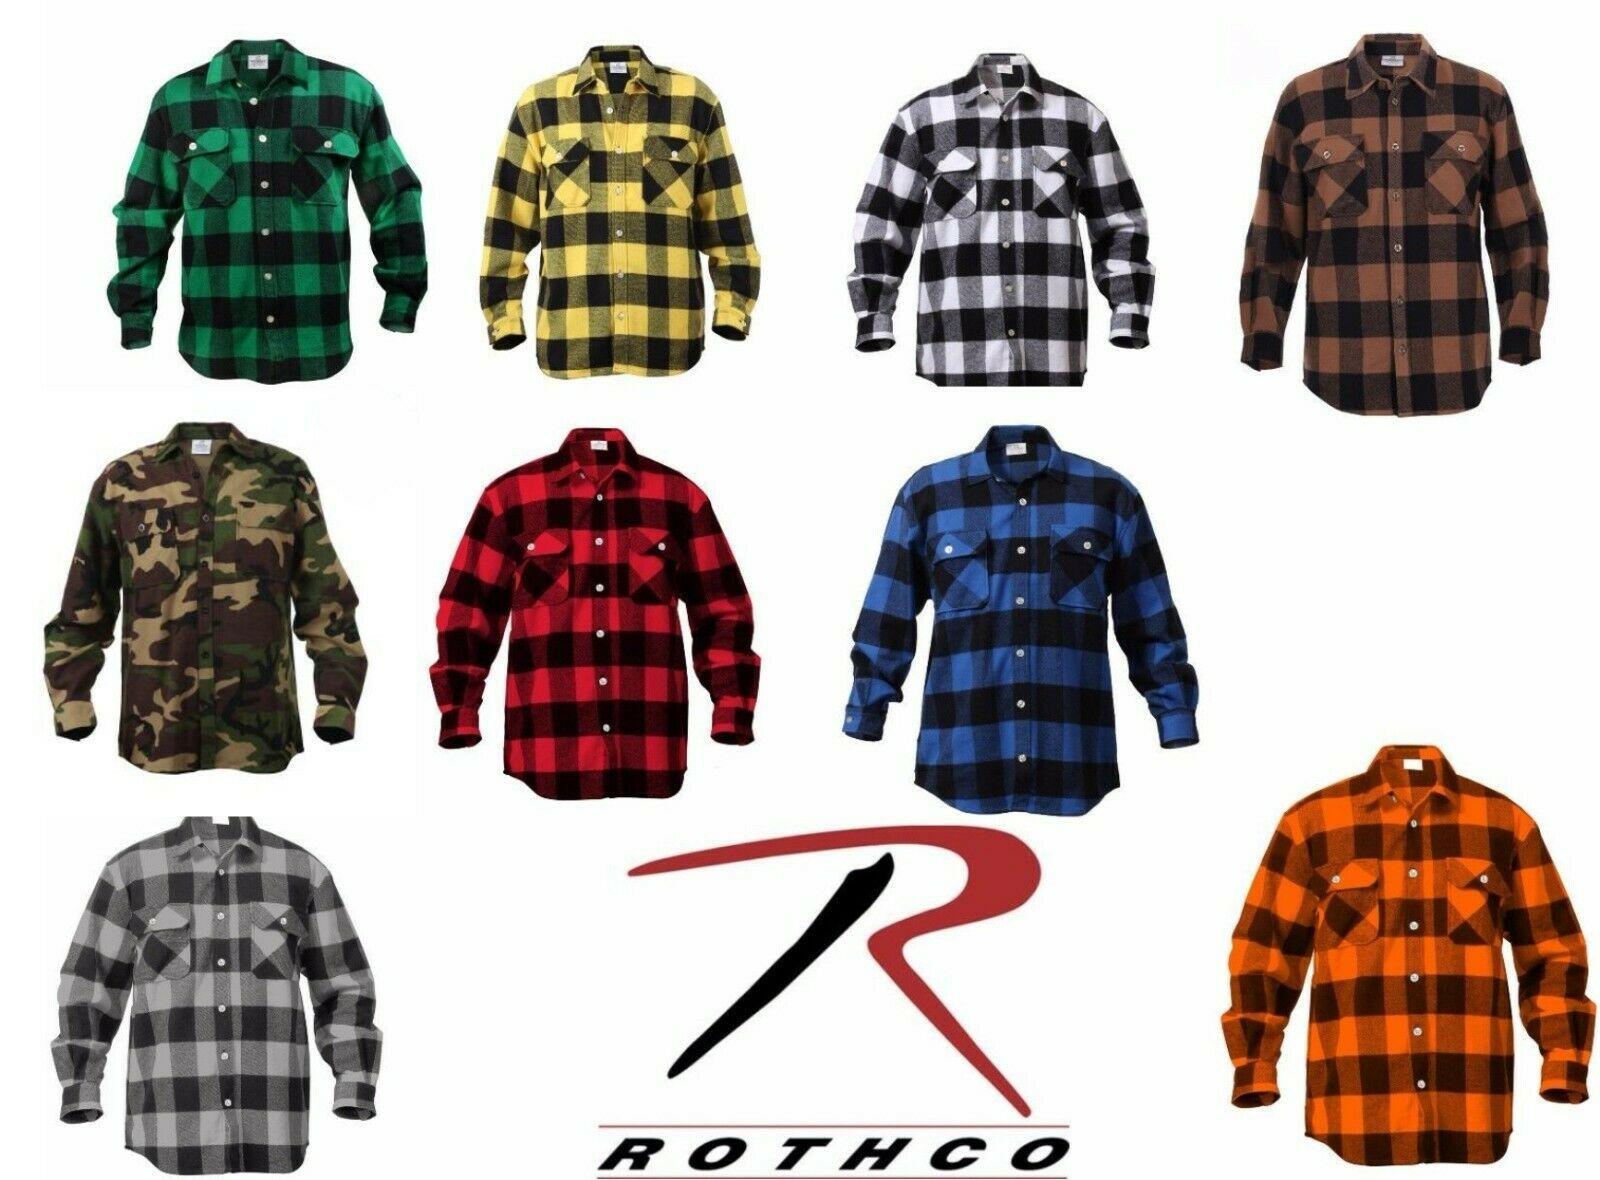 Blue Plaid Heavyweight Brawny Buffalo Plaid Flannel Shirt Rothco 4739